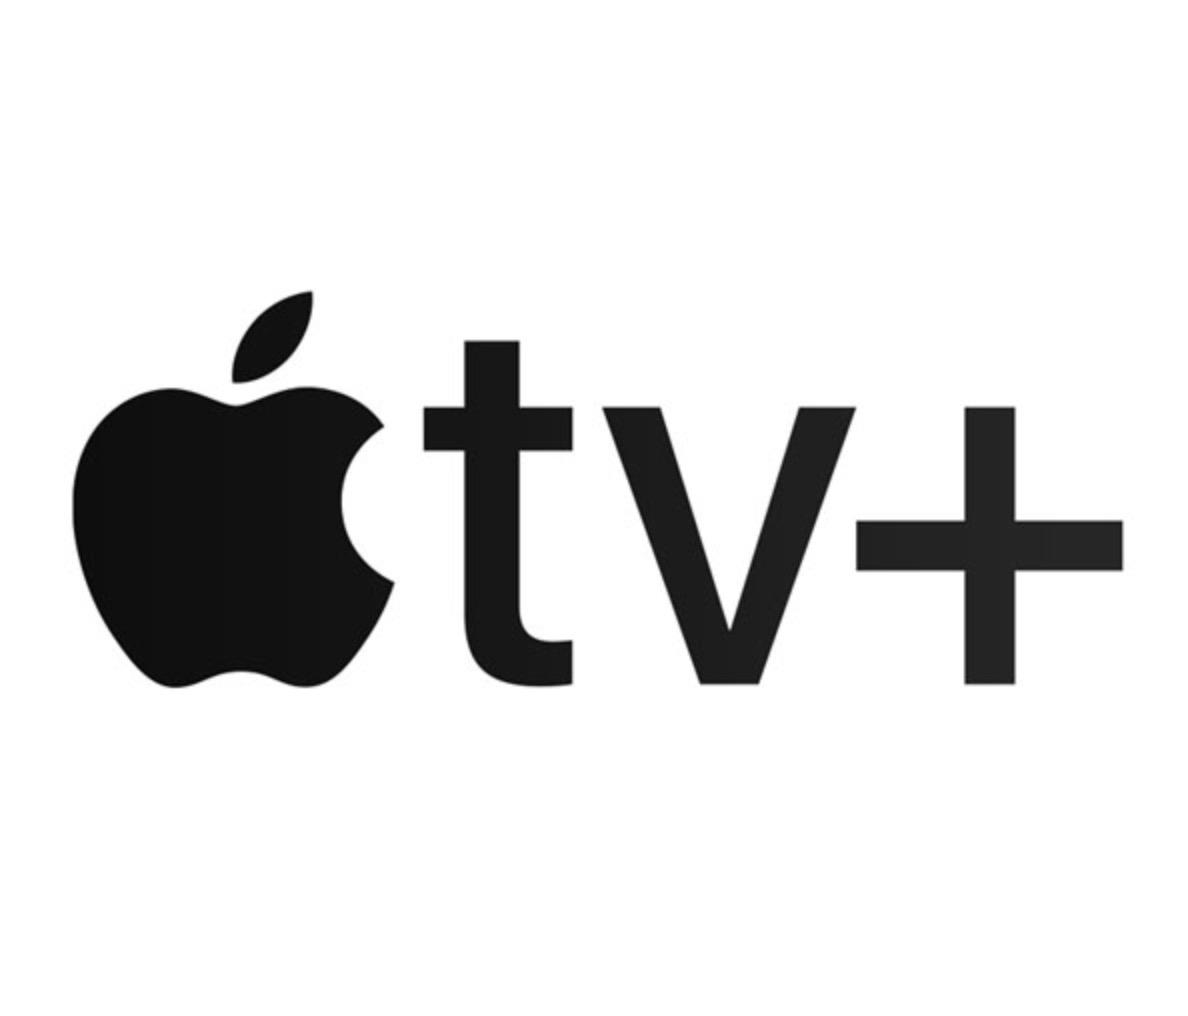 Code promo Apple TV + : 8 séries à visionner gratuitement sur Apple TV+